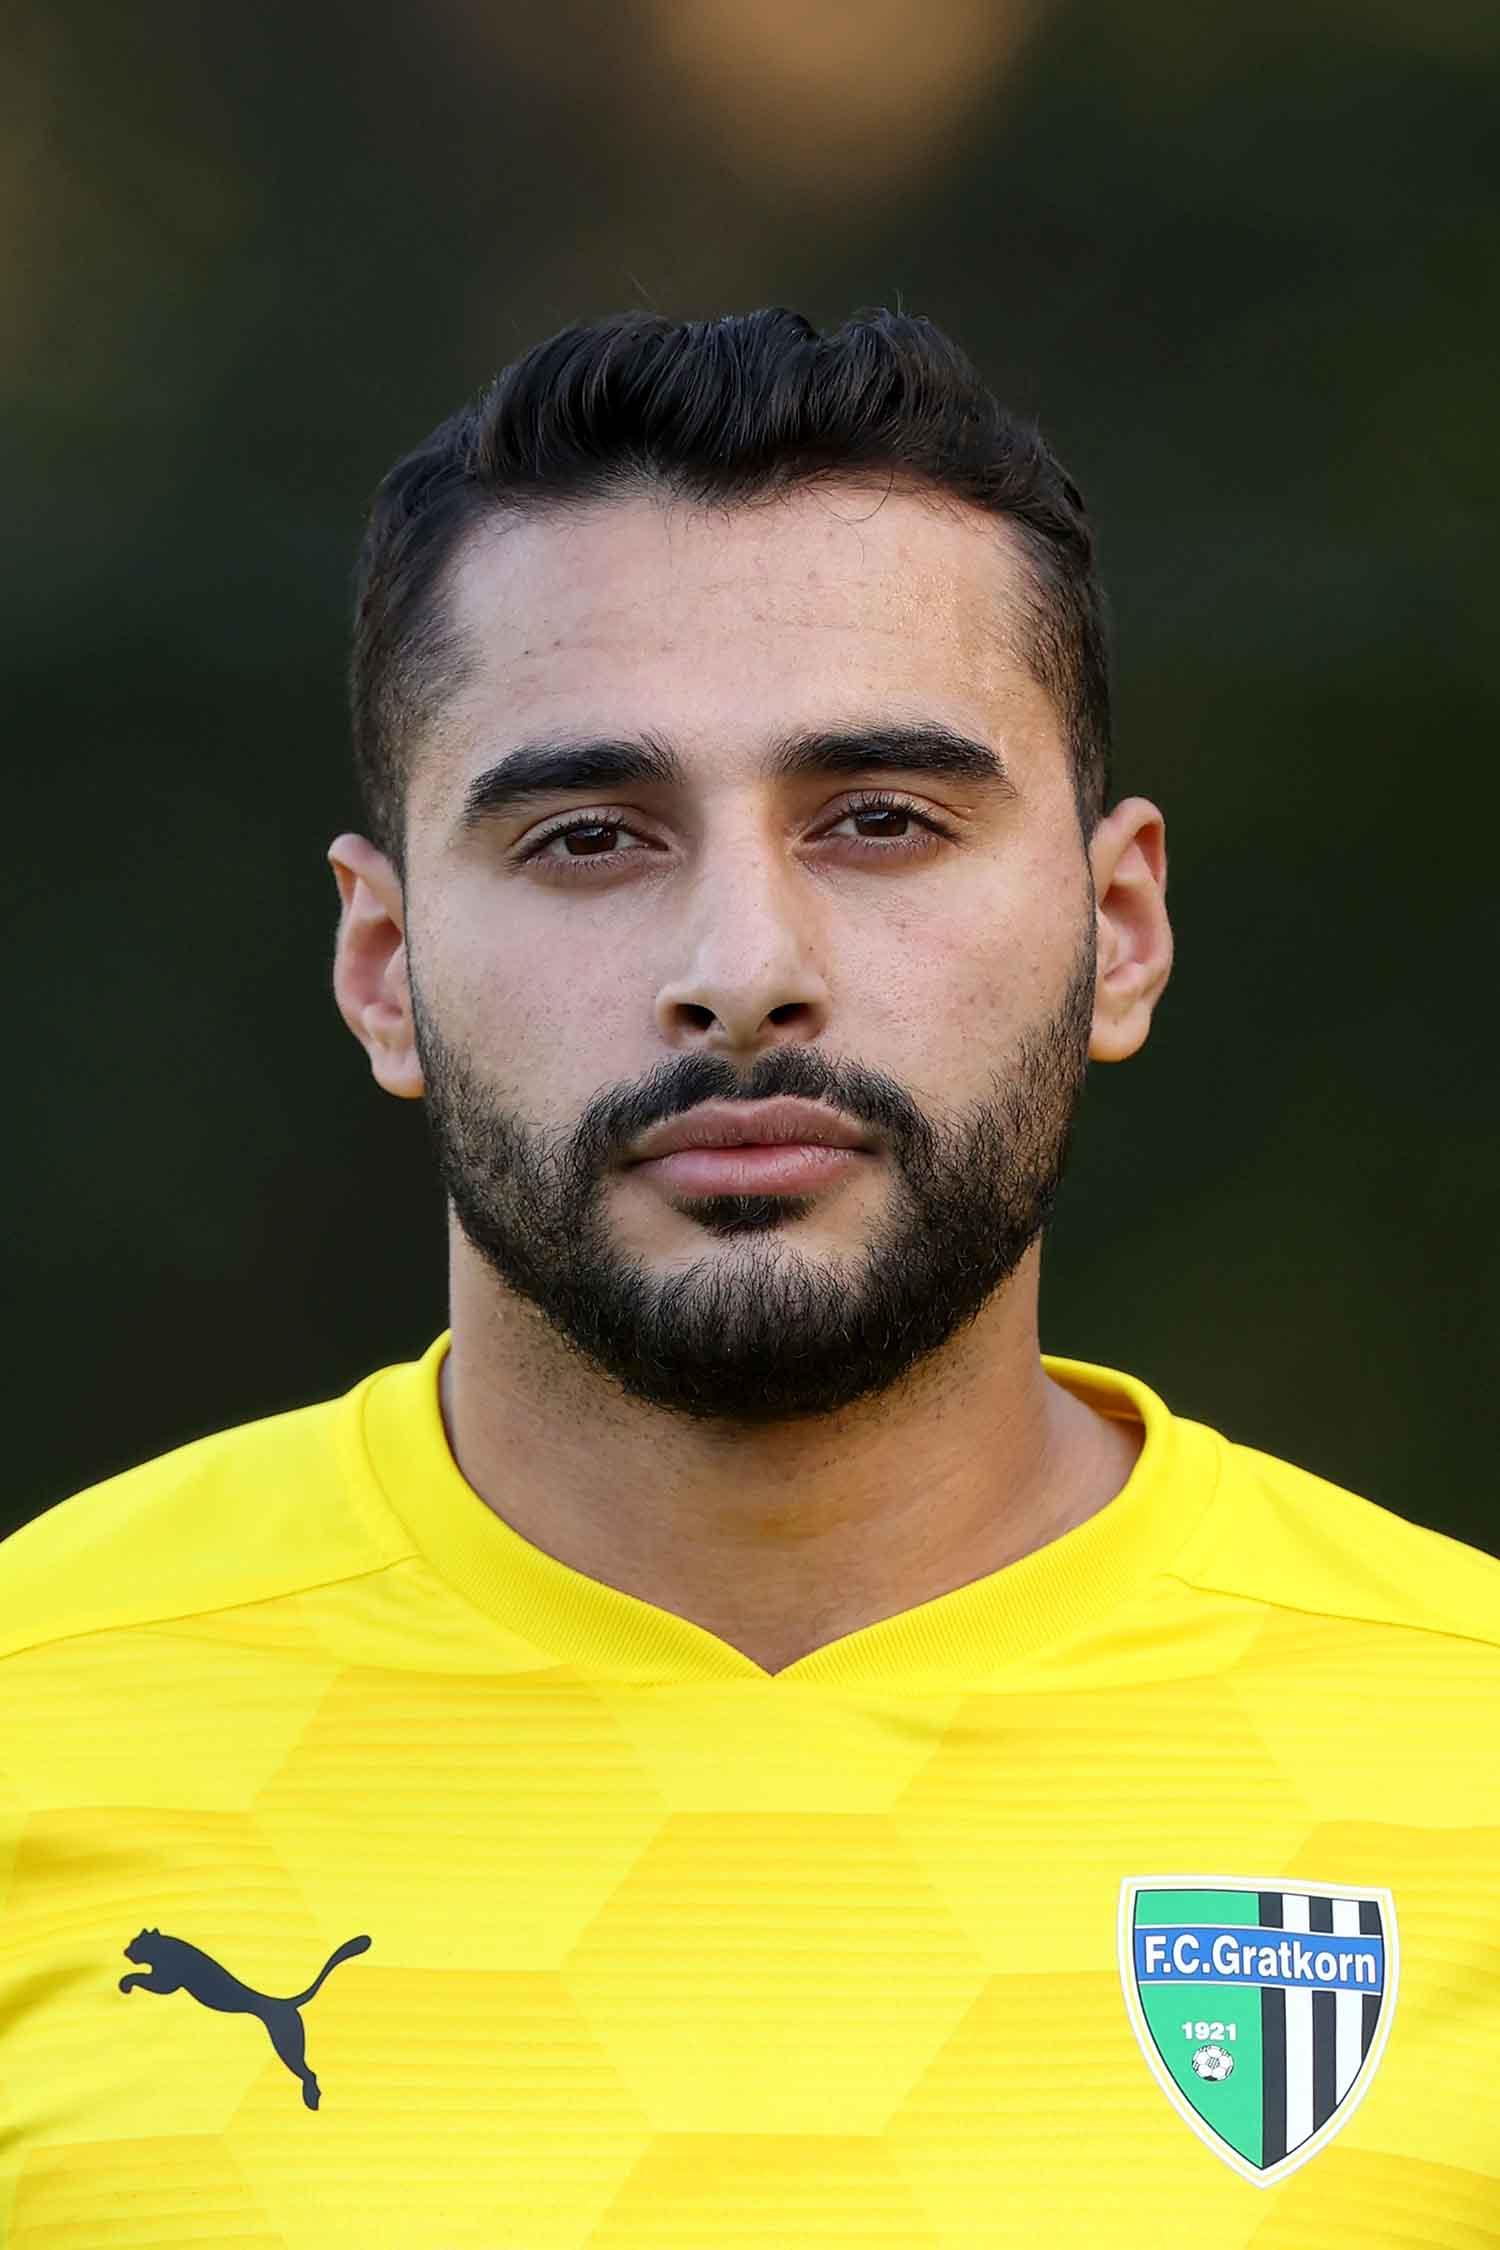 Onur Demir, Tor FC Gratkorn